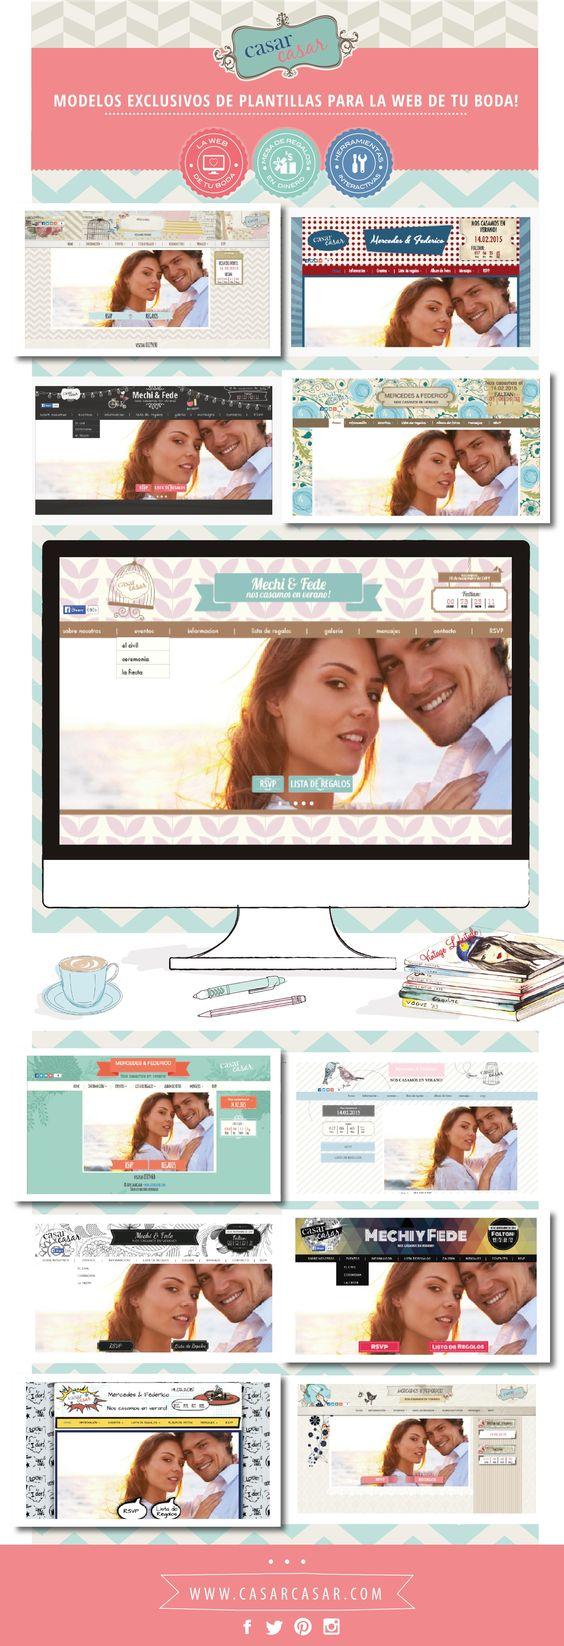 Te casas? Crea la web de bodas de tus sueños y recibas regalos en dinero!!!! Sólo en www.casarcasar.com.mx!